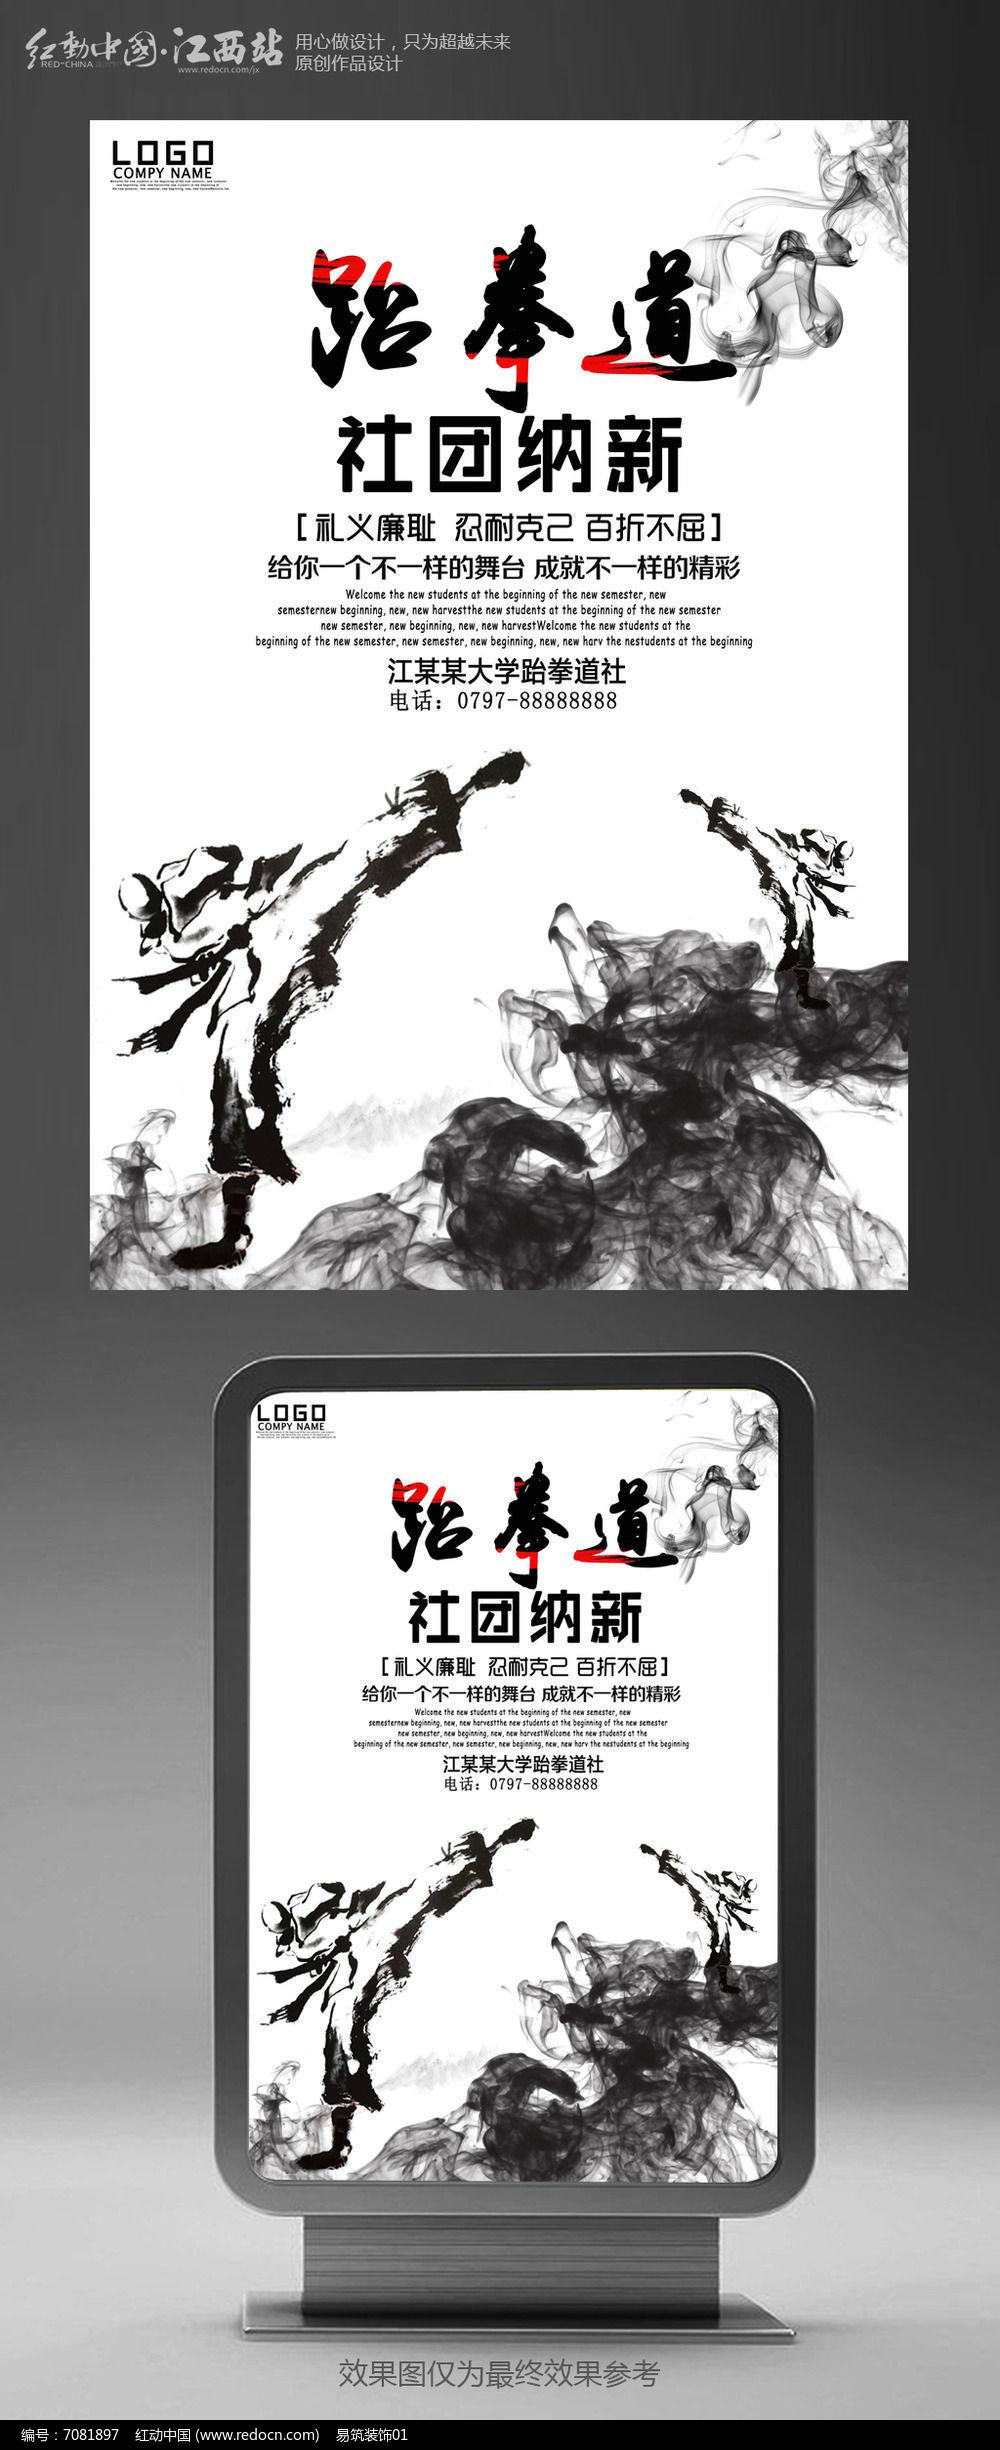 大学跆拳道社团纳新招生海报psd素材下载_海报设计图片